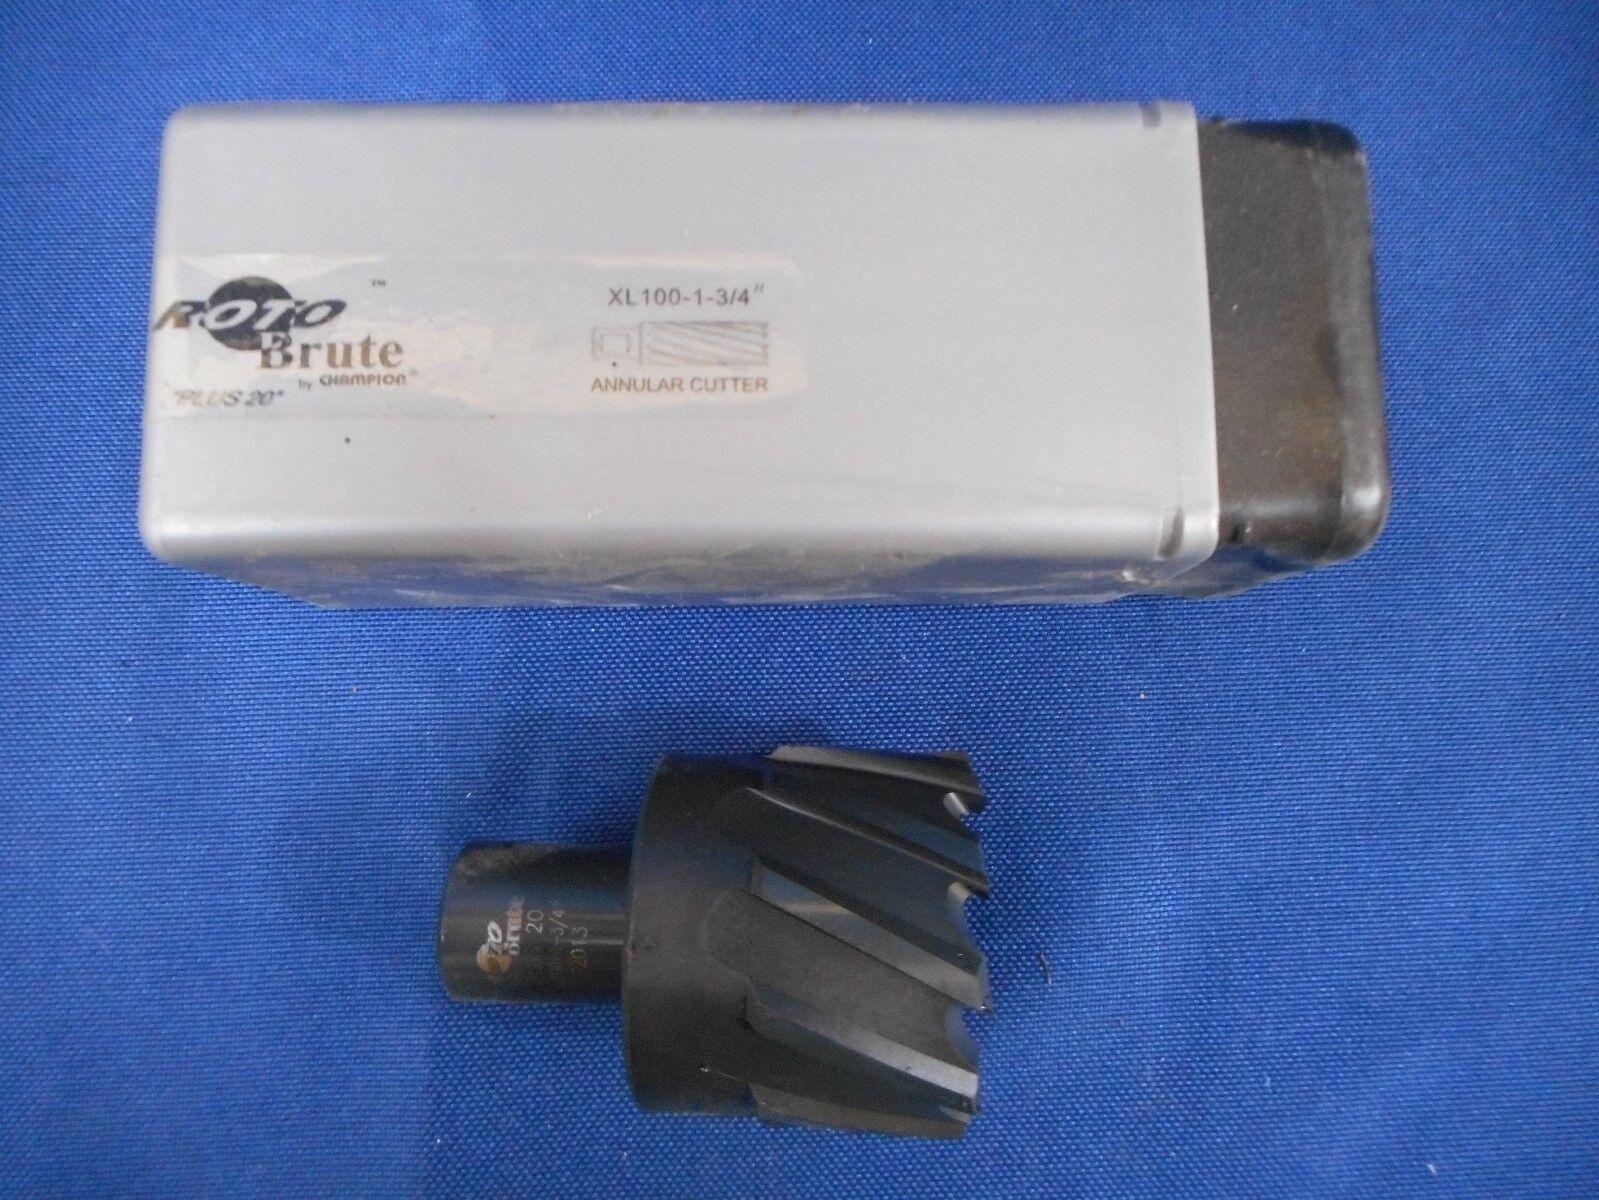 """ROTO-BRUTE Annular Cutter 2/"""" x 1/"""" Depth HSS XL100-2/"""""""